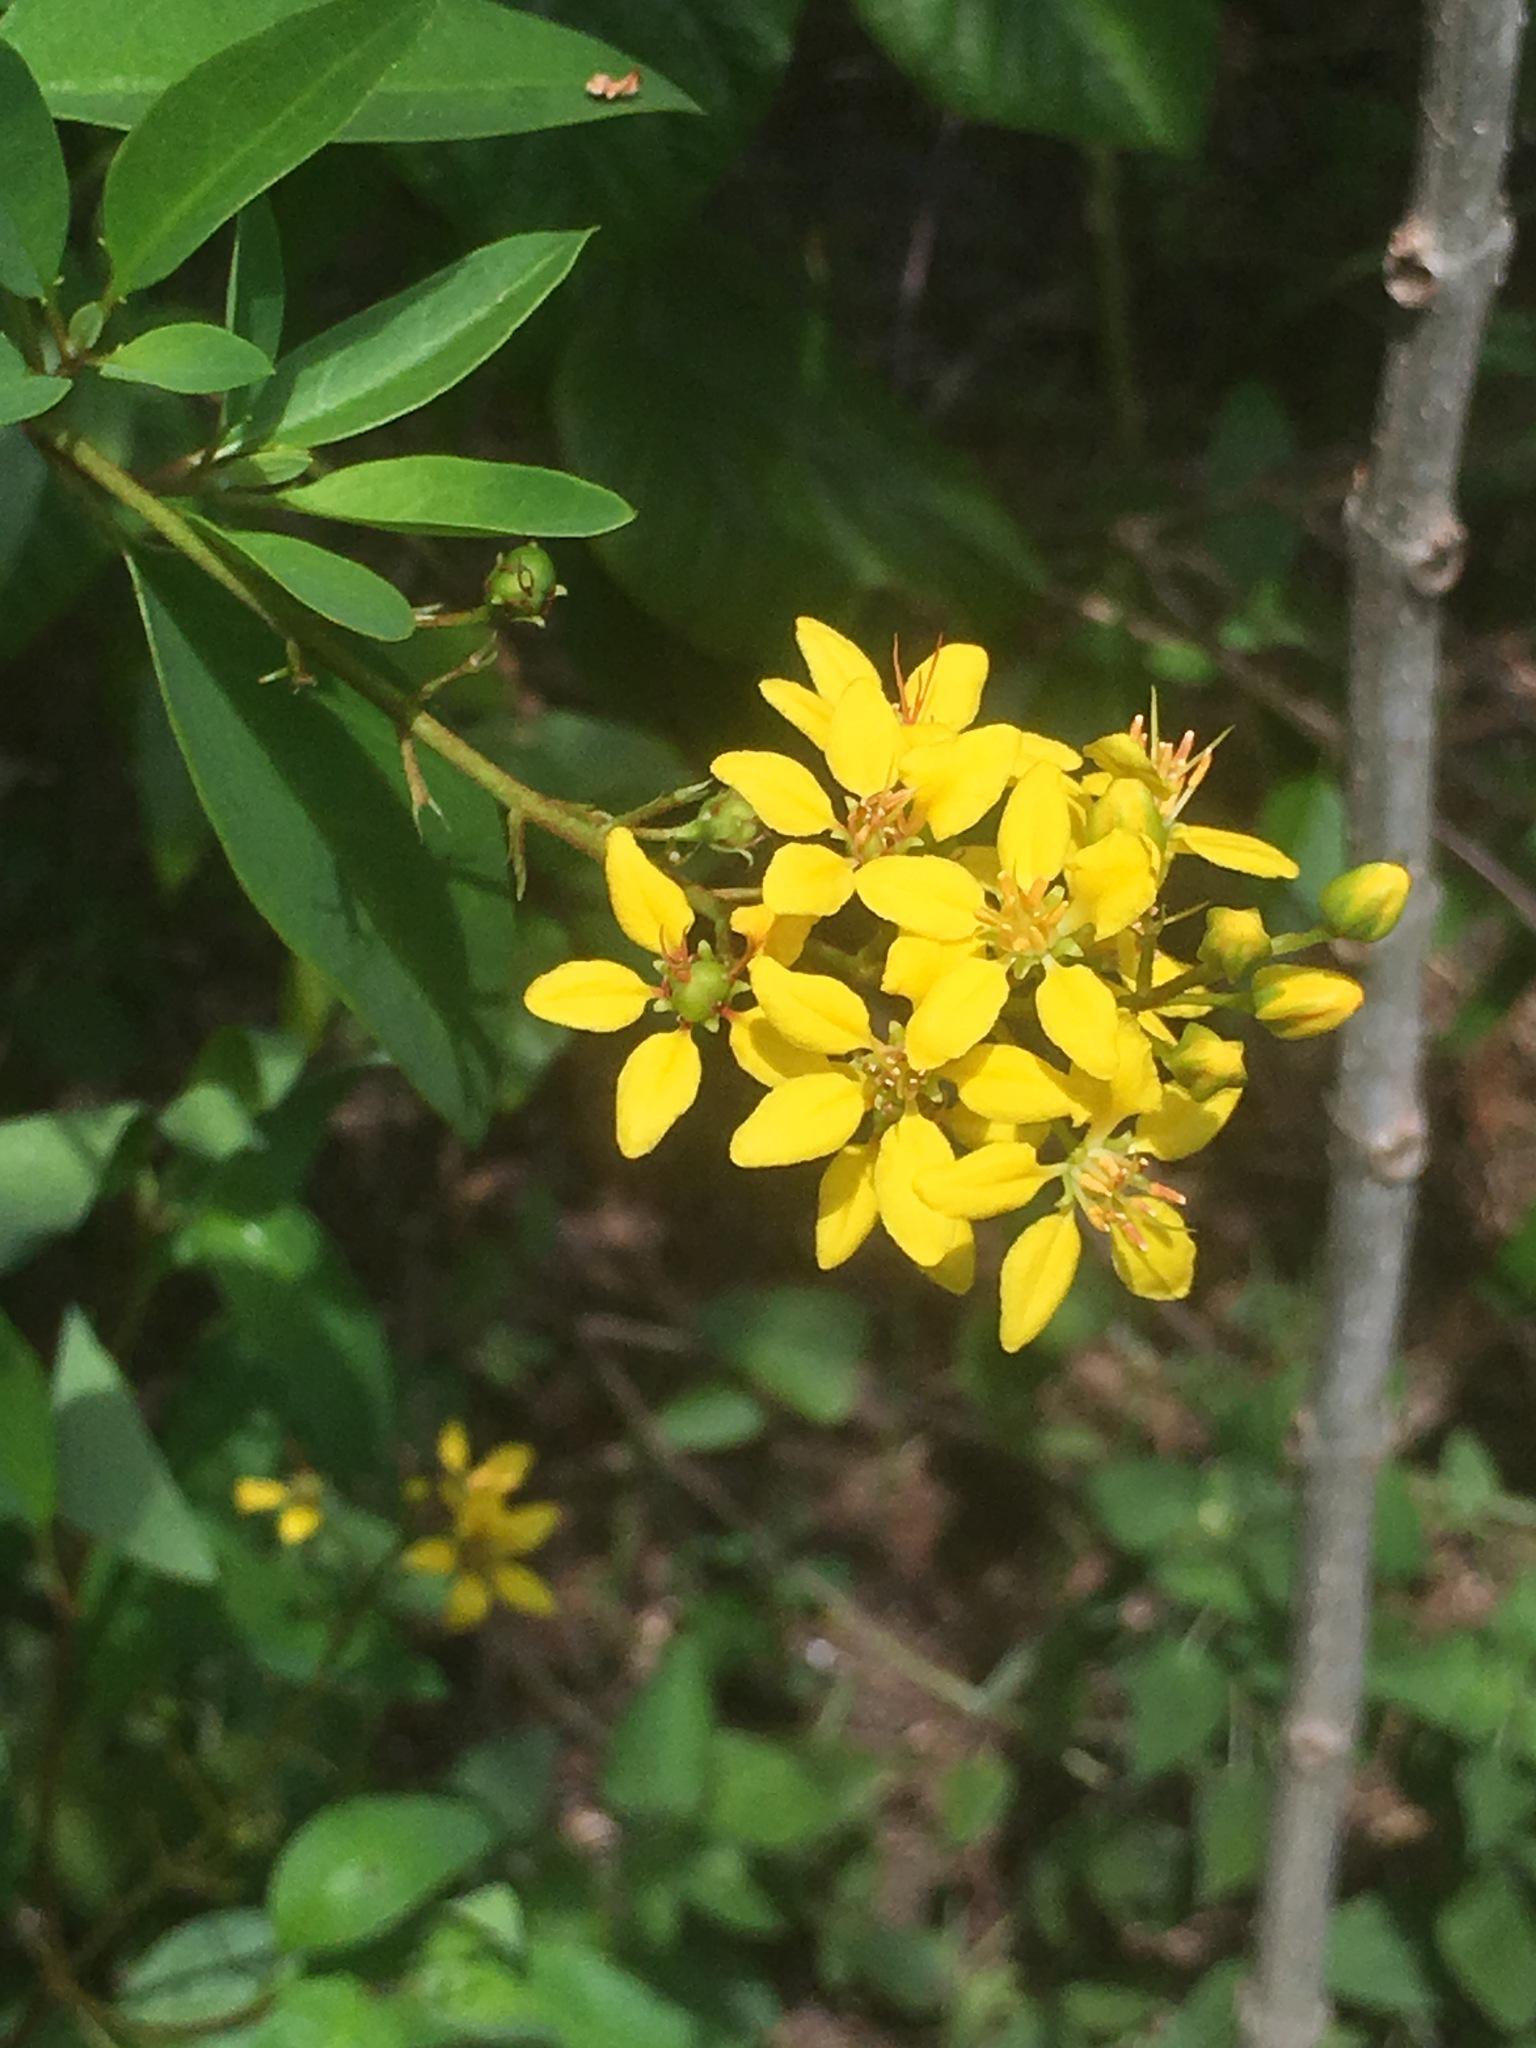 Yellow flowering bush  by pamela.kanarr